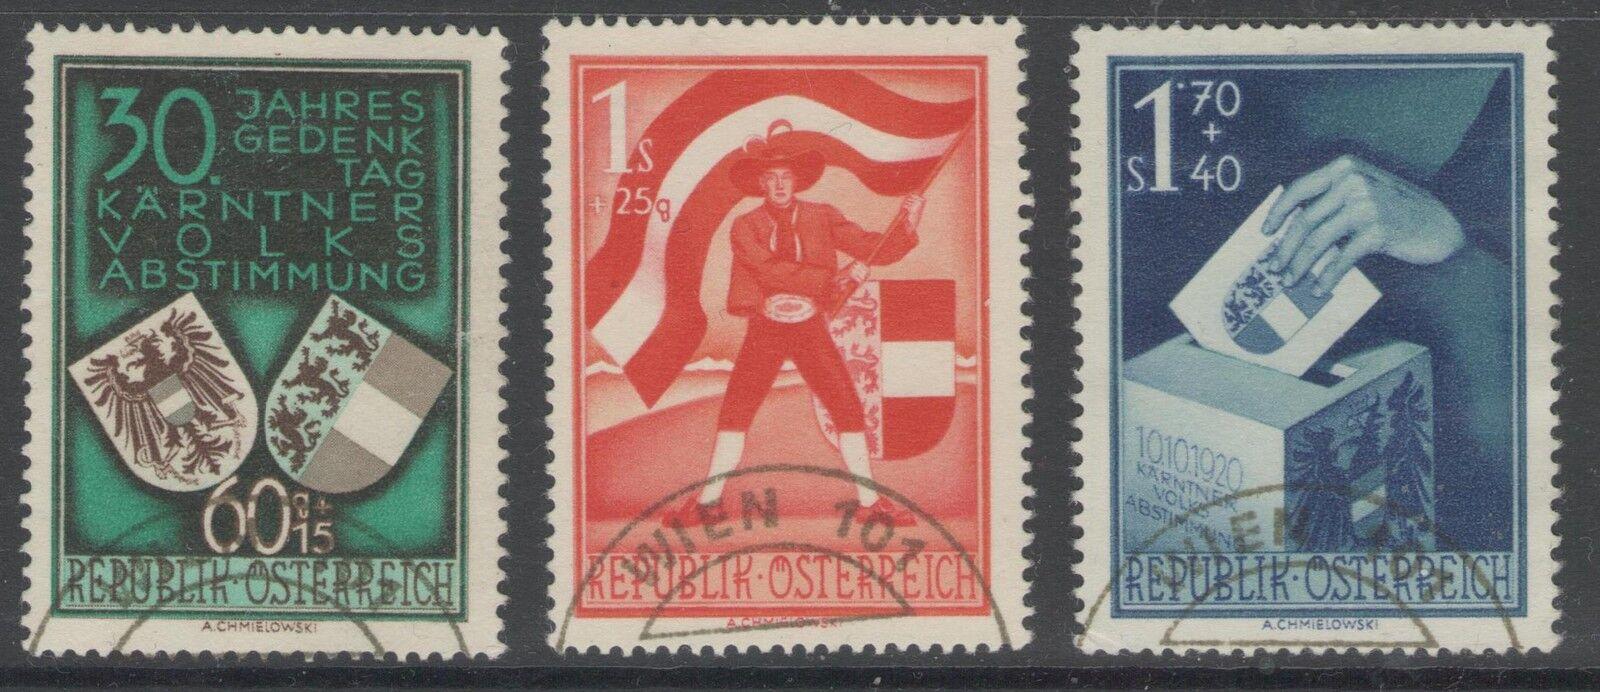 AUSTRIA SG1212/4 1950 PLEBISCITE FINE USED